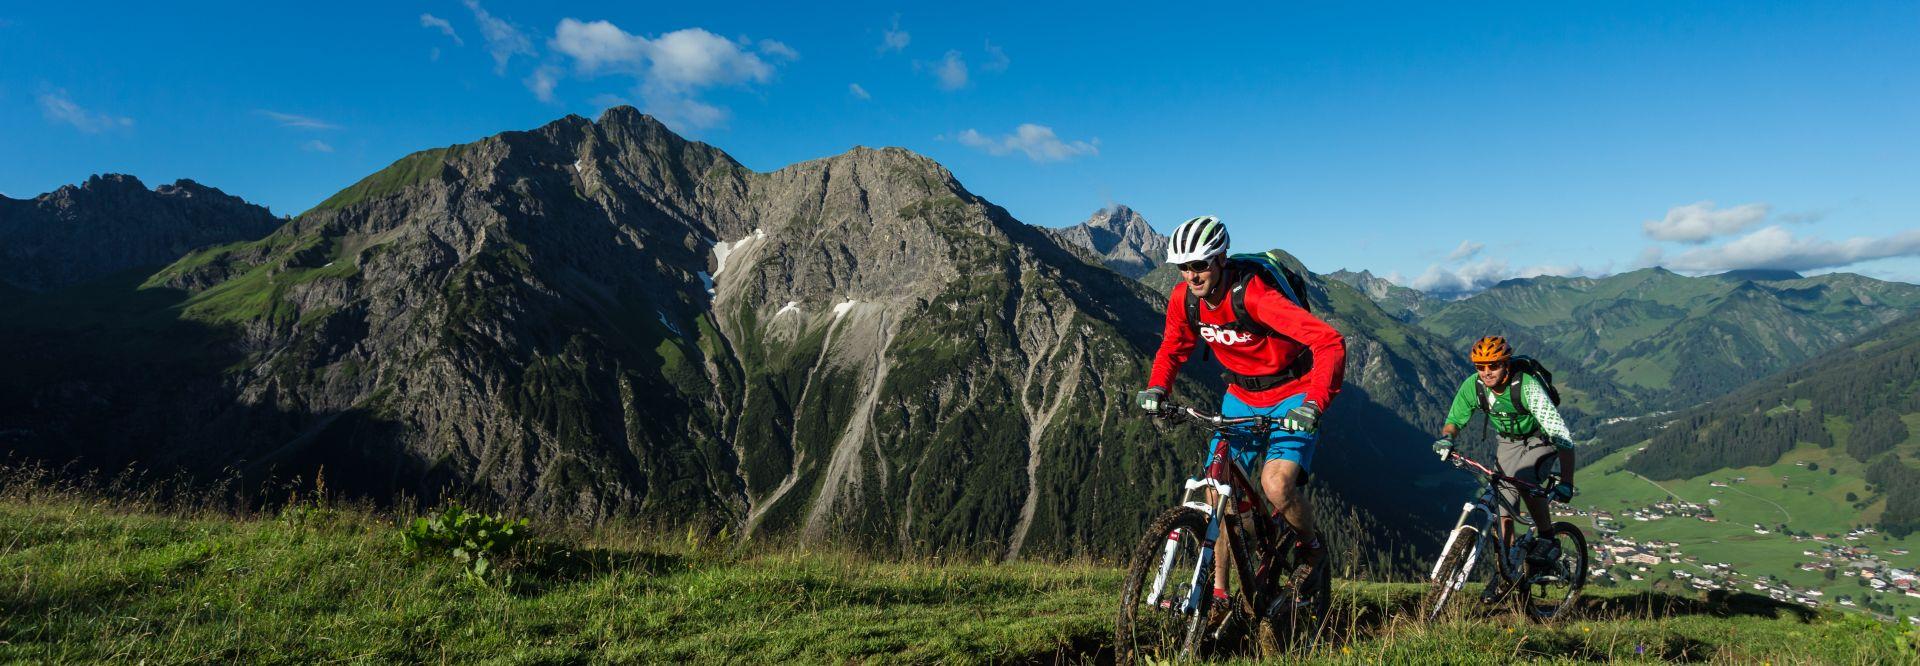 Mountainbiketour im Sommer im Kleinwalsertal (Kleinwalsertal Tourismus eGen)